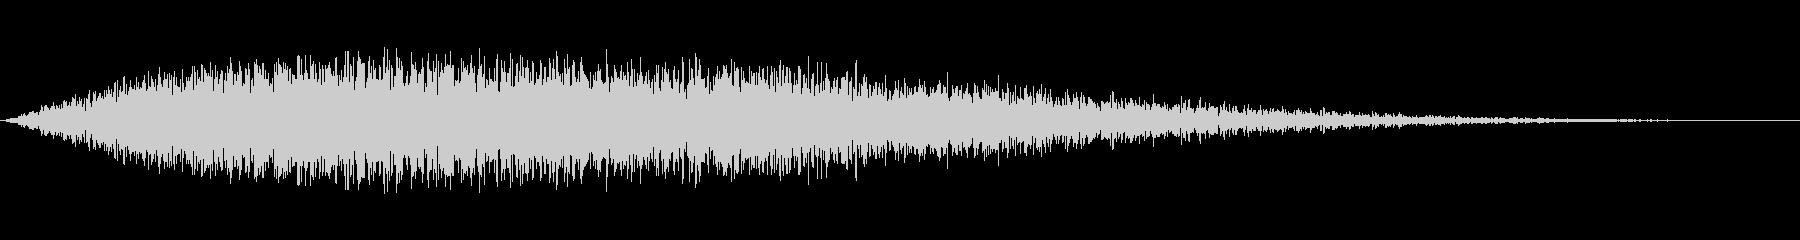 コールドエンプティプレイス4の未再生の波形